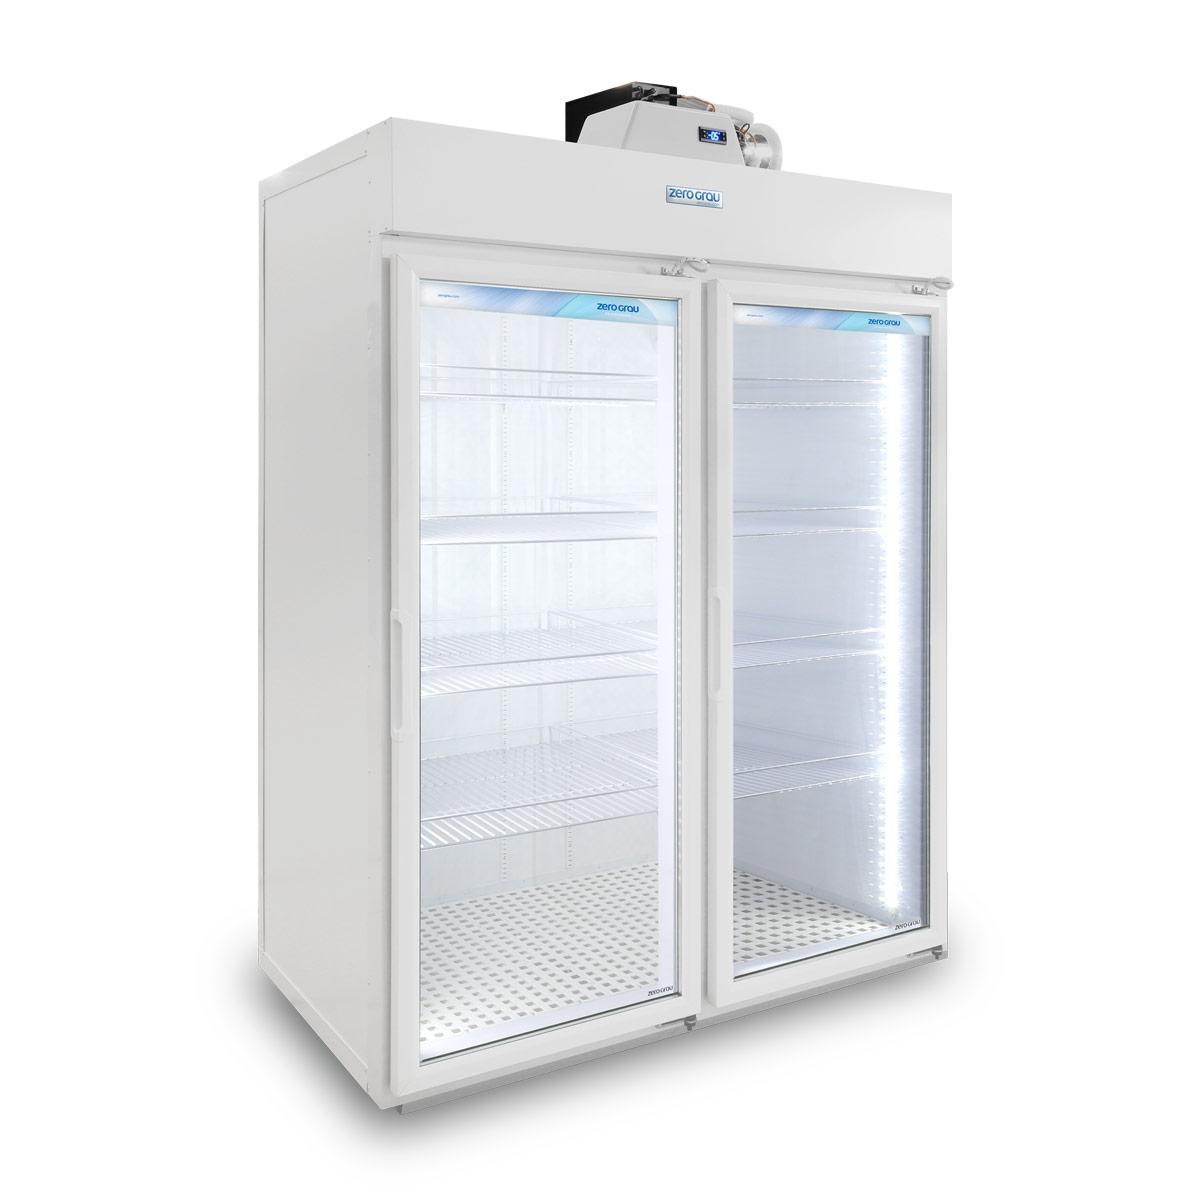 Expositor Modular 2 Portas para Congelados - 1.580 Litros